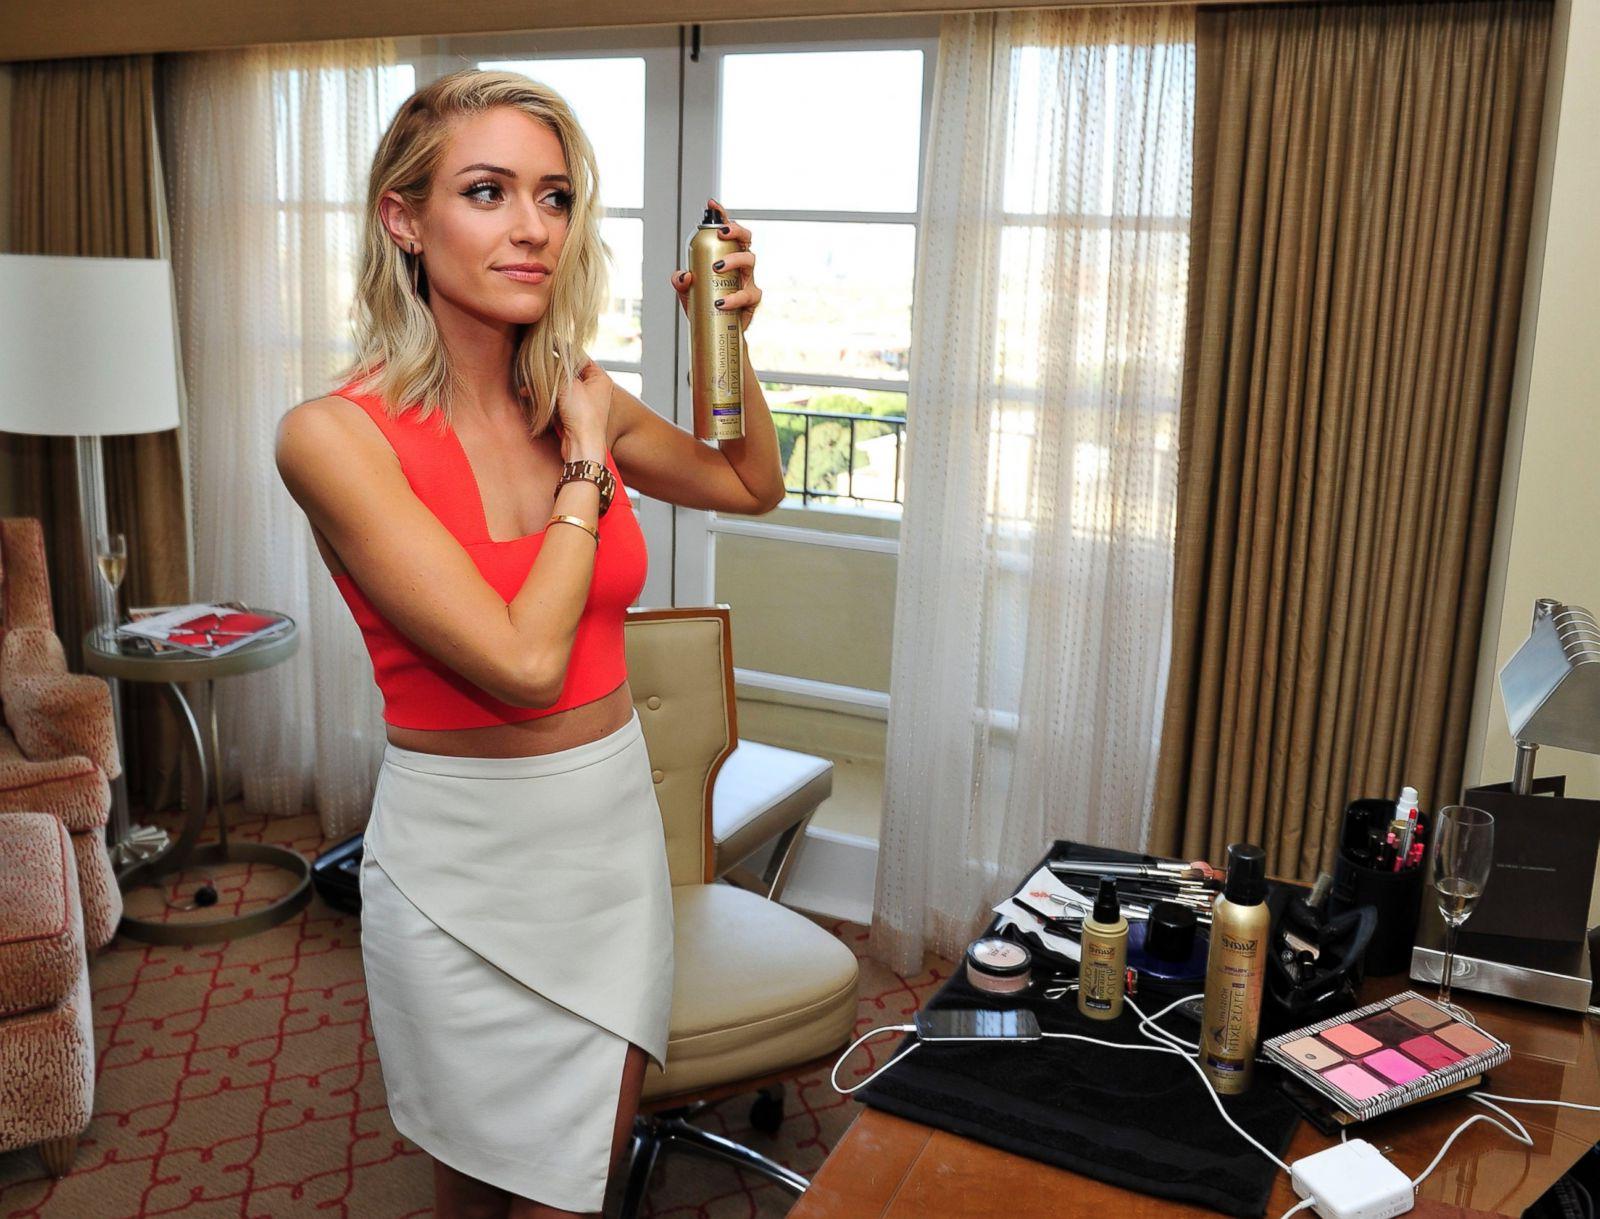 Kristin Cavallari Picture   March Top Celebrity Pictures – Abc News In Kristin Cavallari Short Haircuts (View 12 of 25)